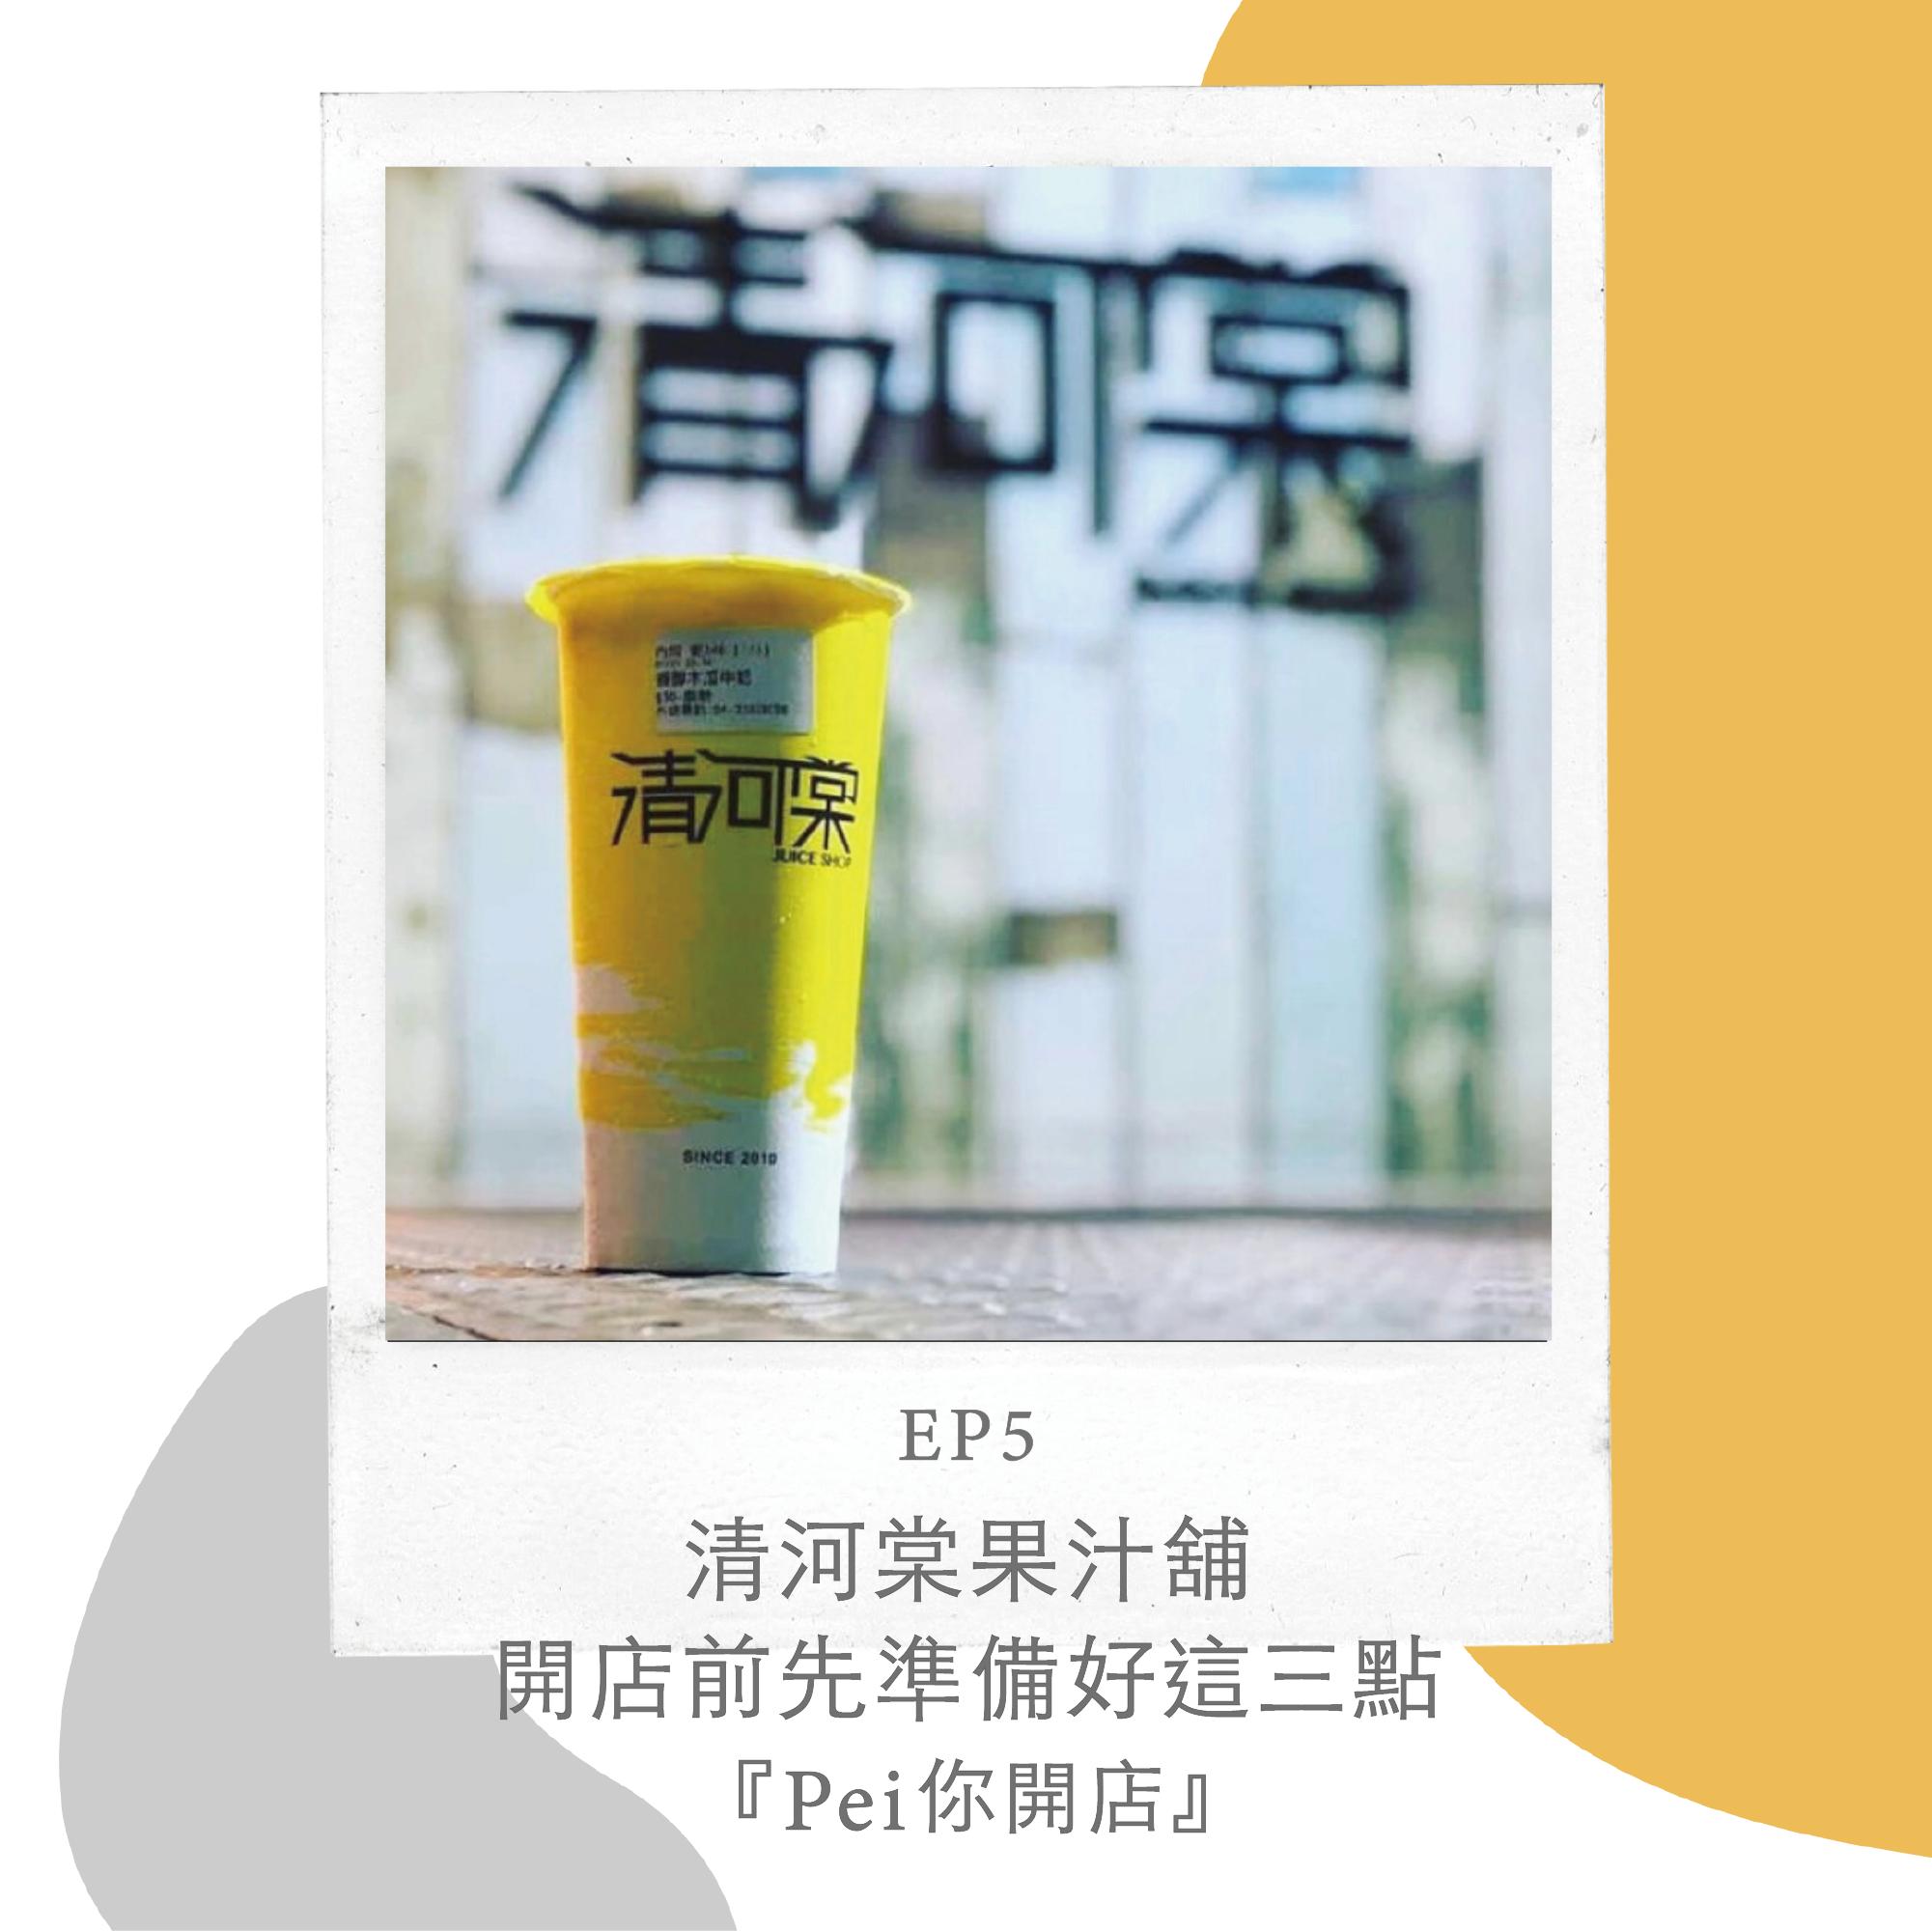 EP5『Pei你開店』清河棠果汁舖 | 開店前先準備好這三點:產地、位置、區隔性 | with Darren